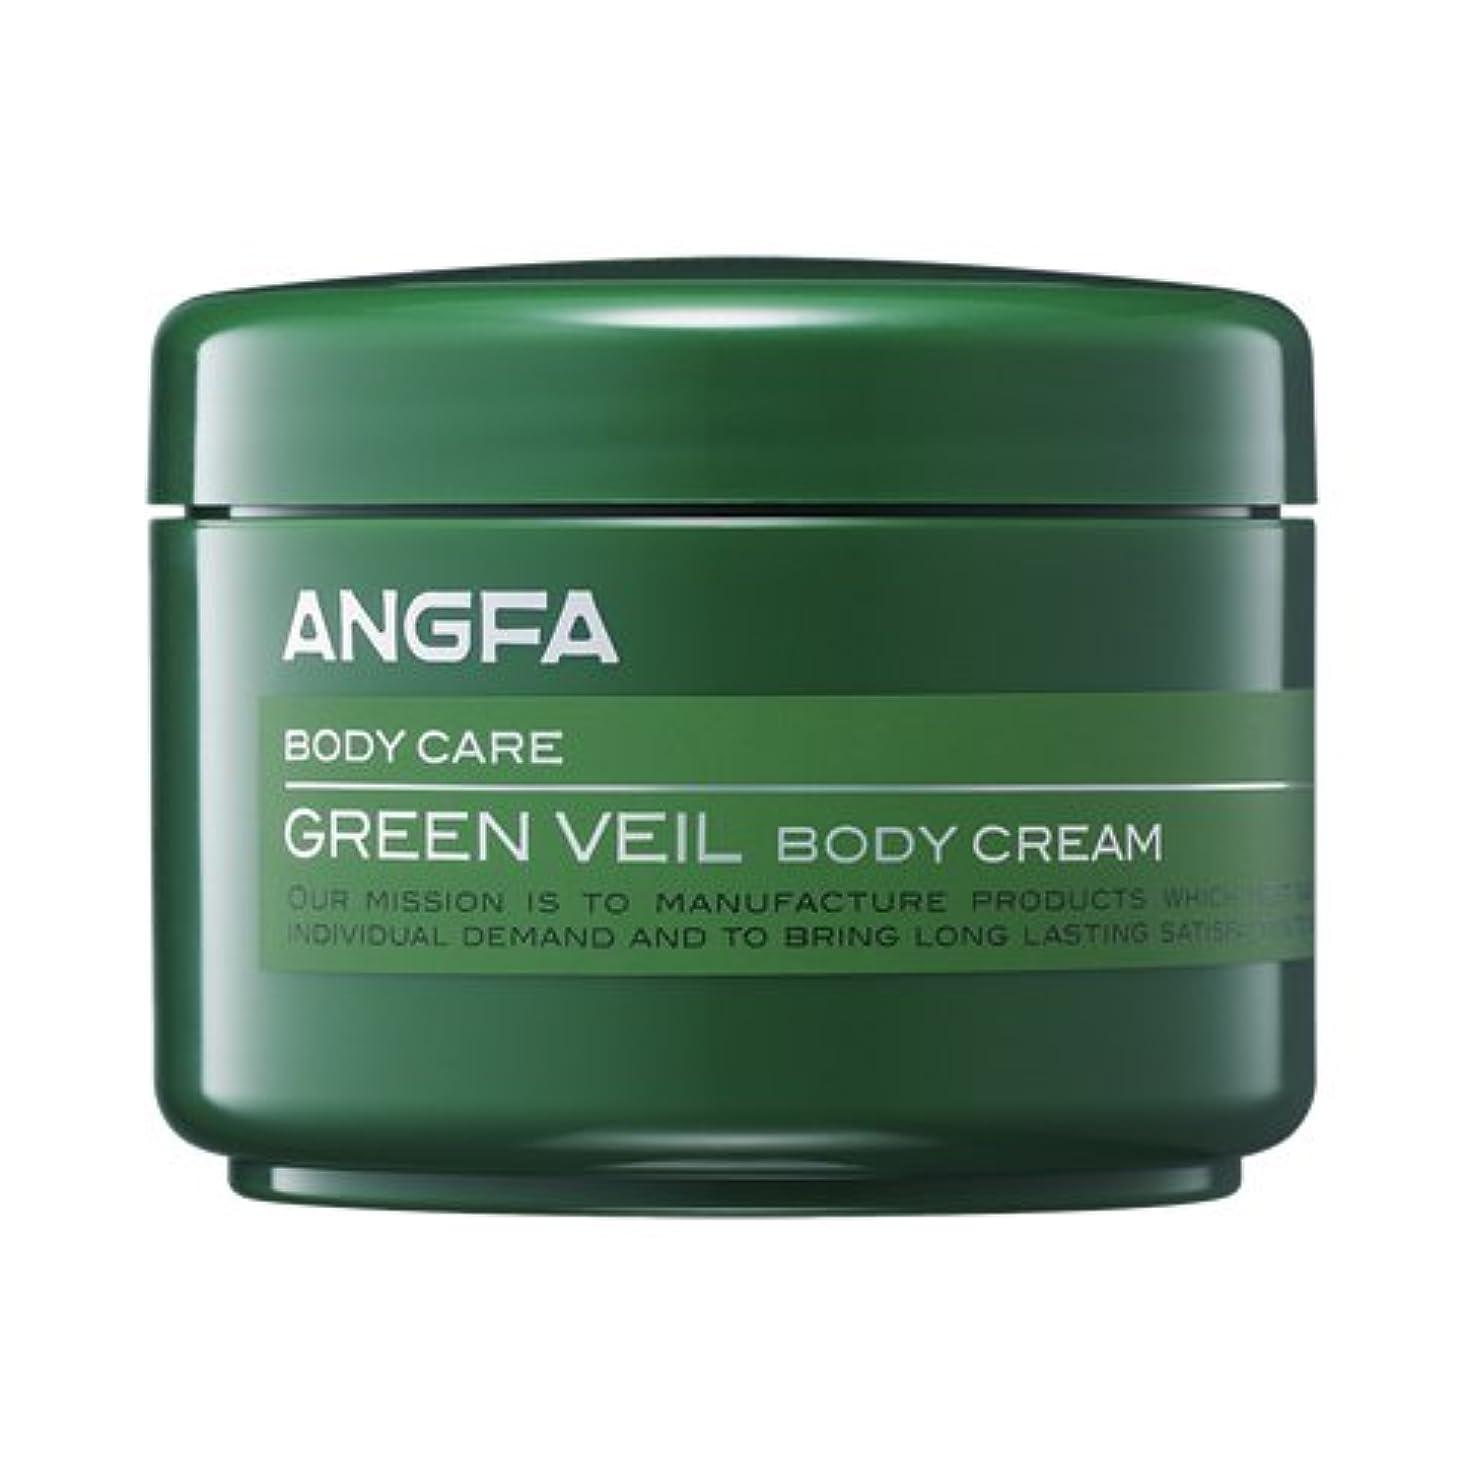 予測ペアロボットアンファー (ANGFA) グリーンベール 薬用ボディクリーム 45g グリーンフローラル [乾燥・保湿] かゆみ肌